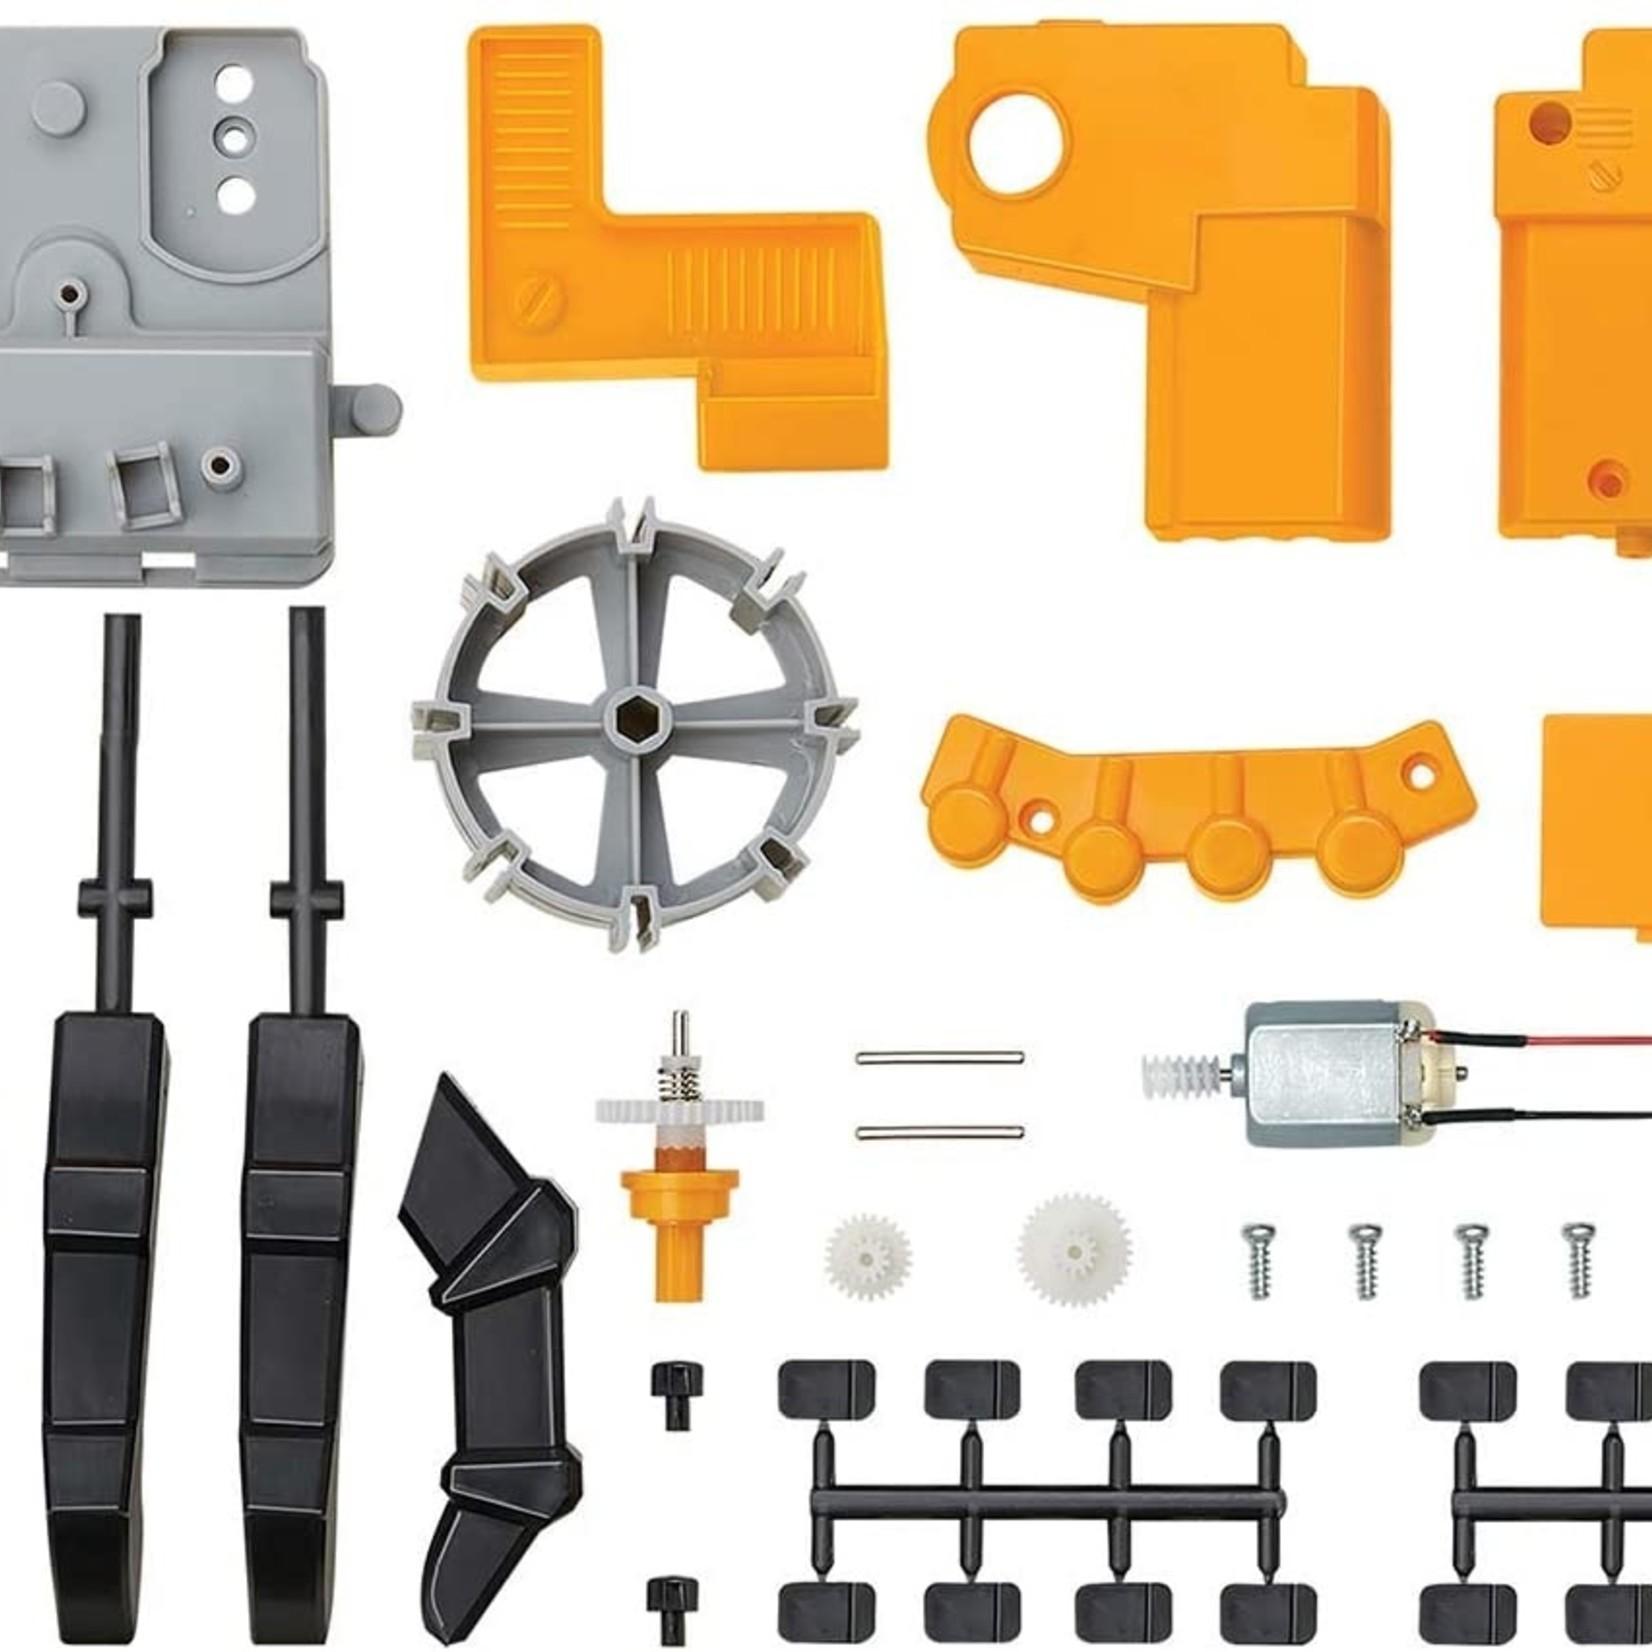 4M Motorised Robotic Arm